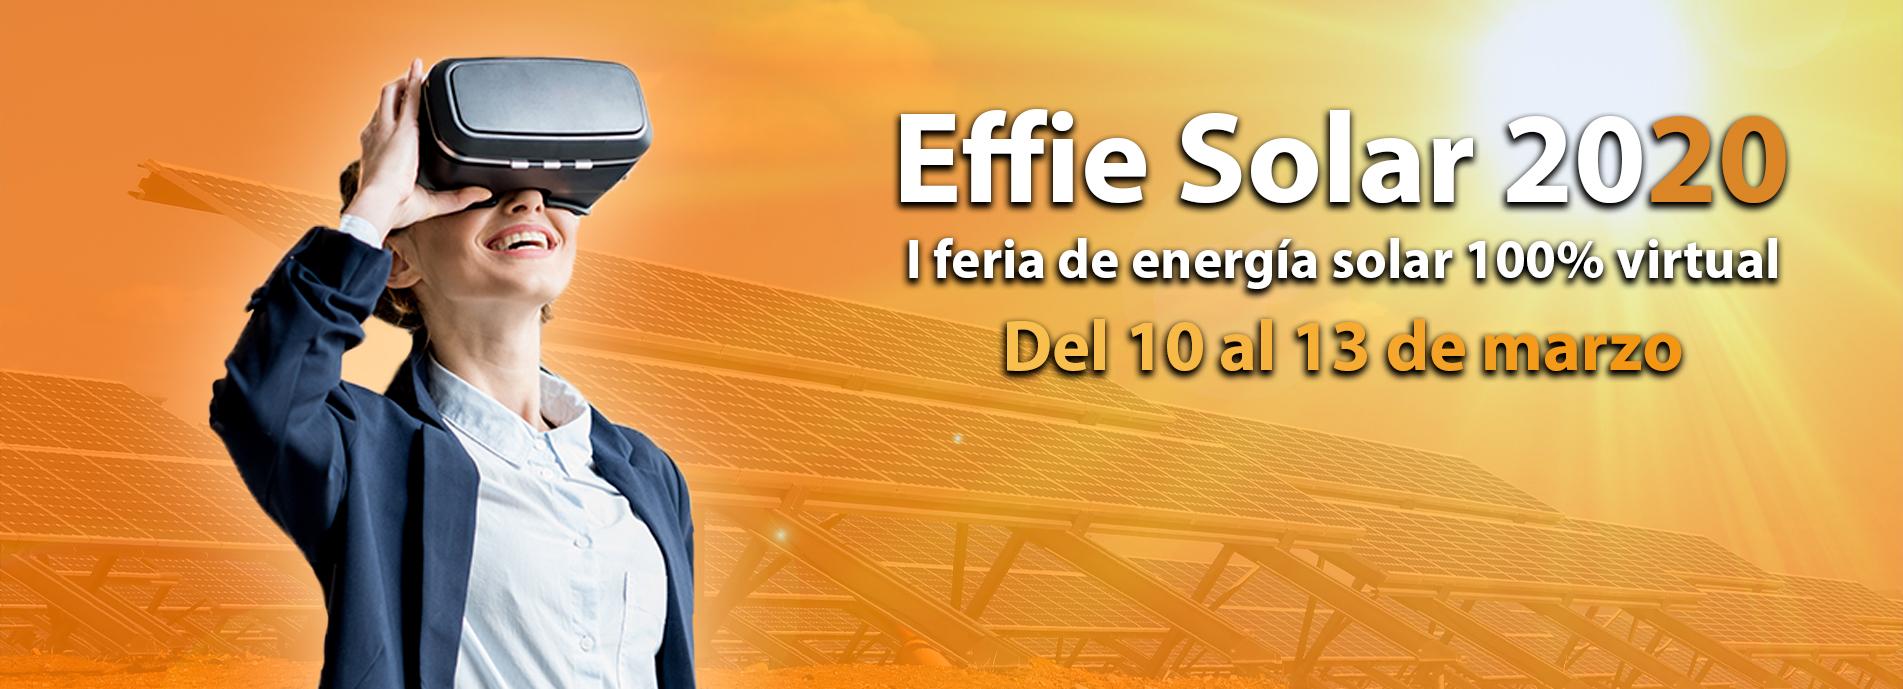 Effie Solar - I Feria Visrtual de Energía Solar